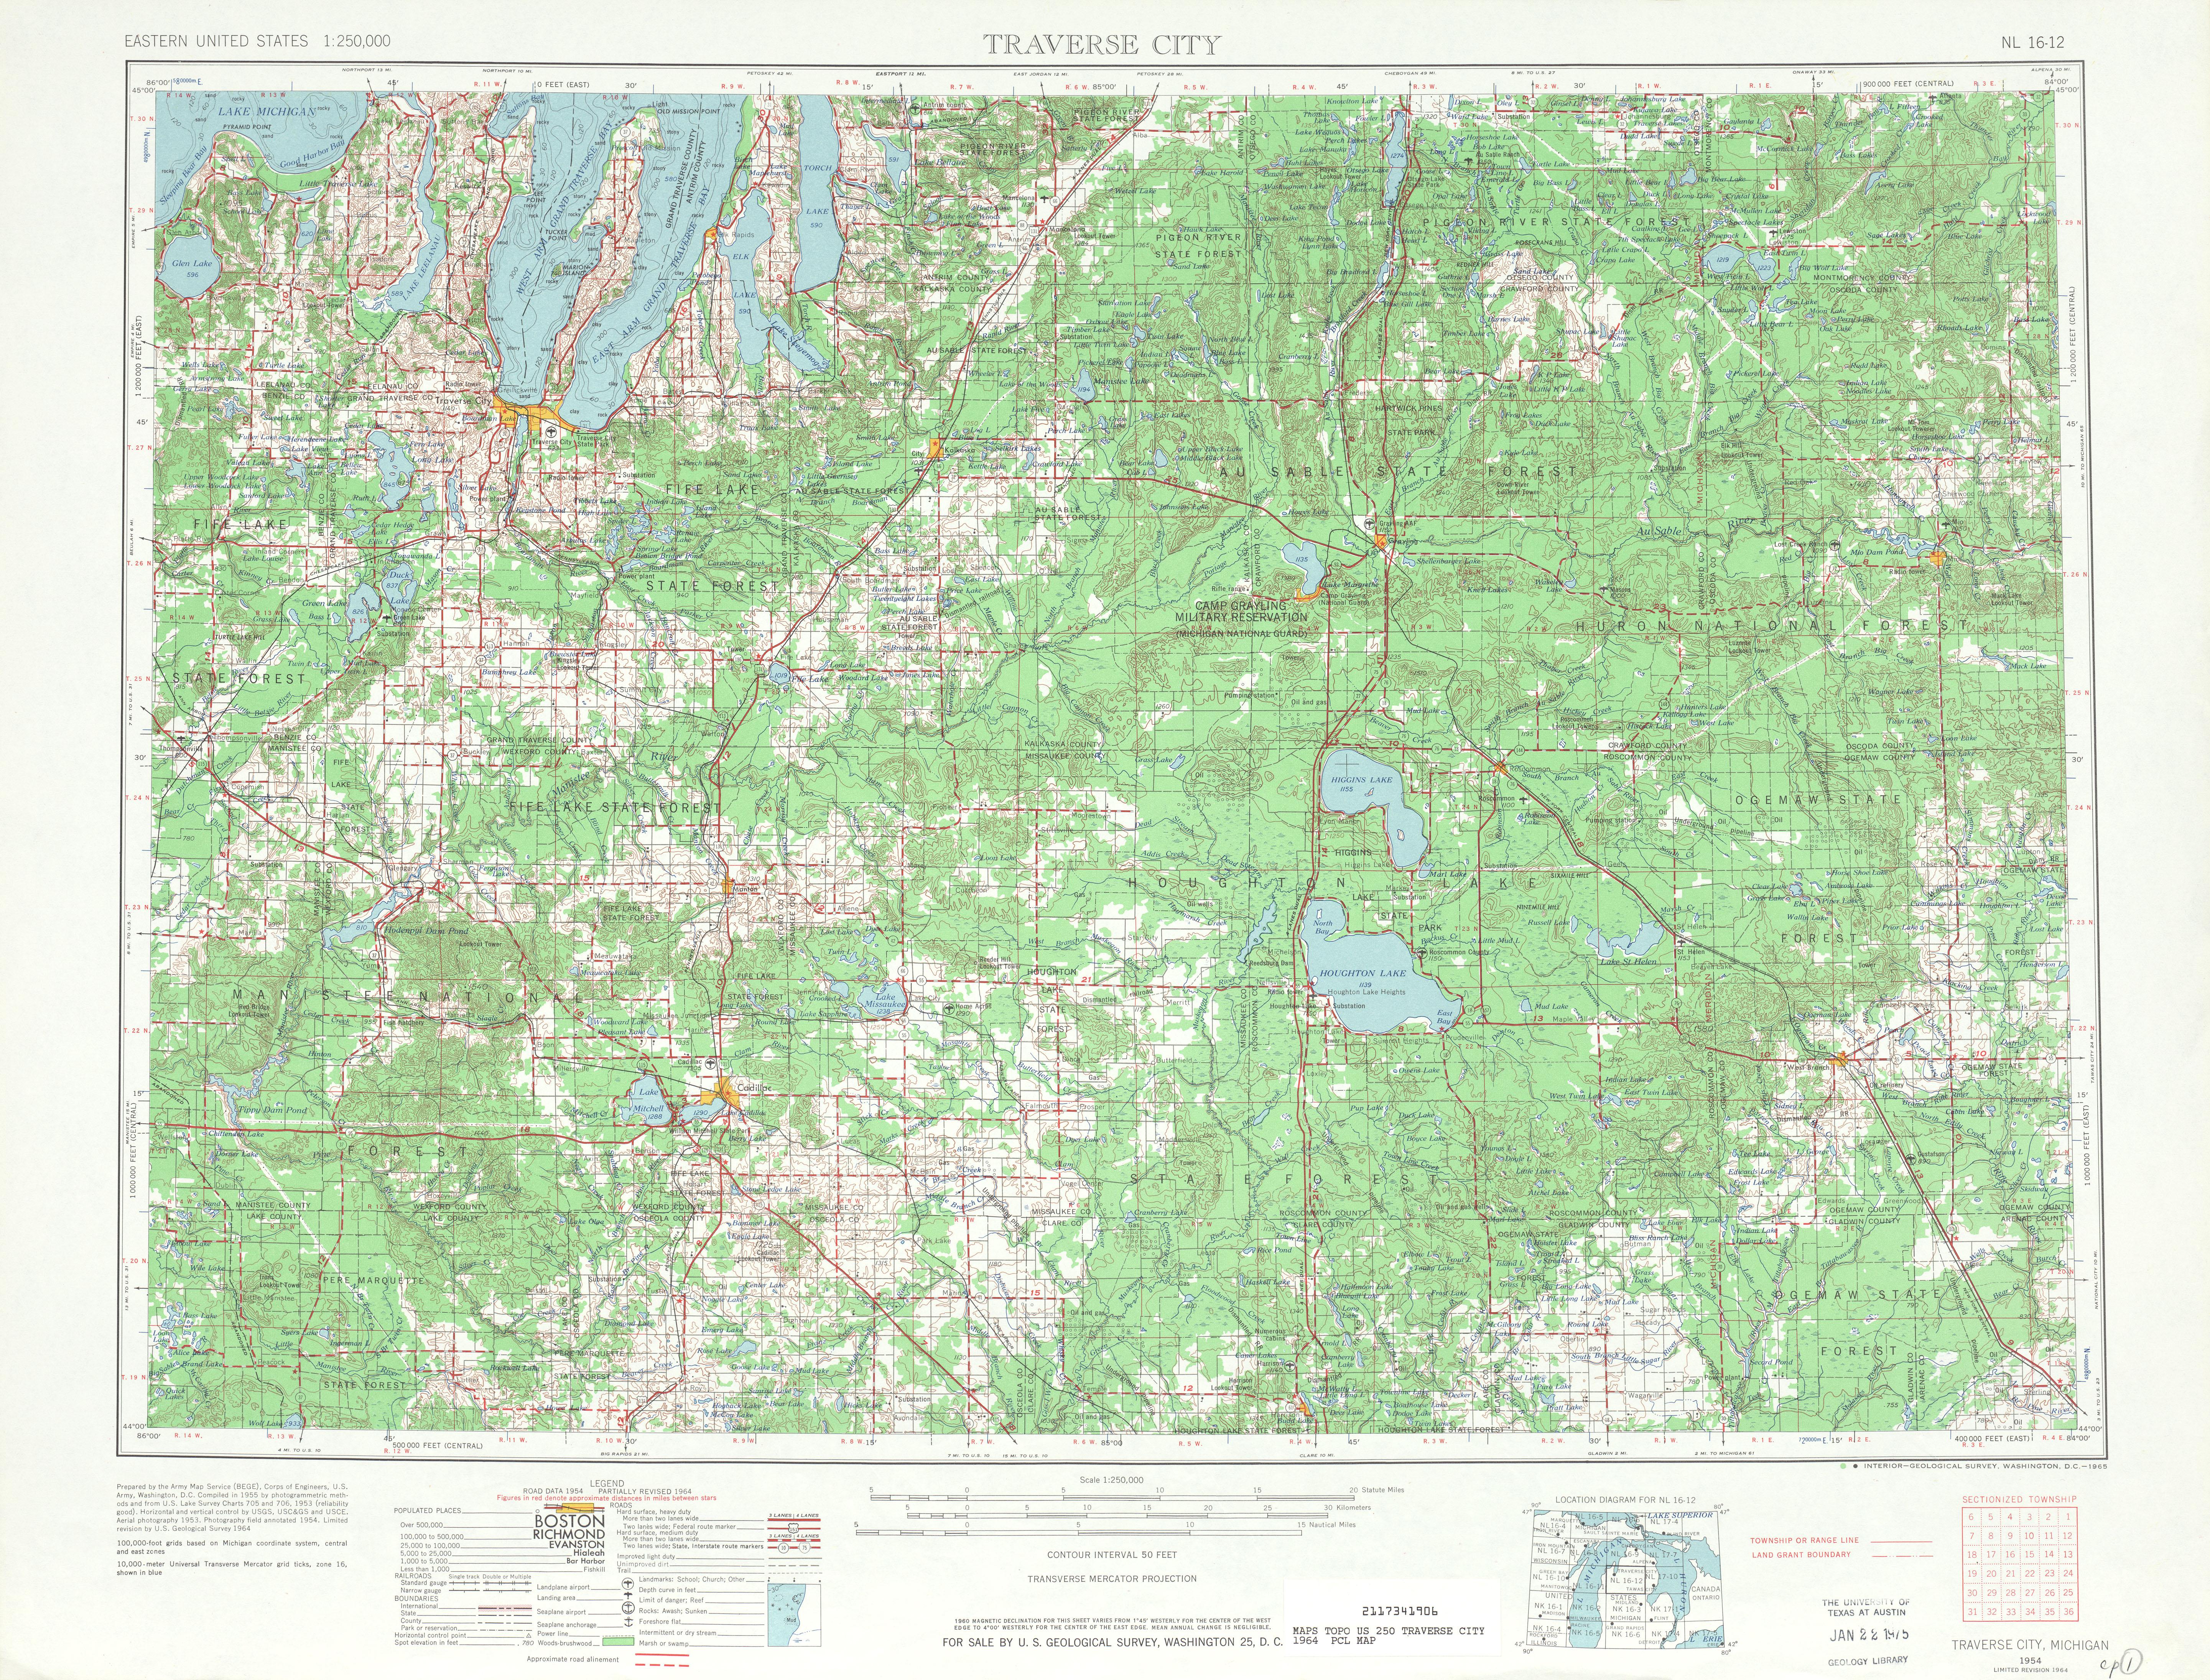 Hoja Traverse City del Mapa Topográfico de los Estados Unidos 1964